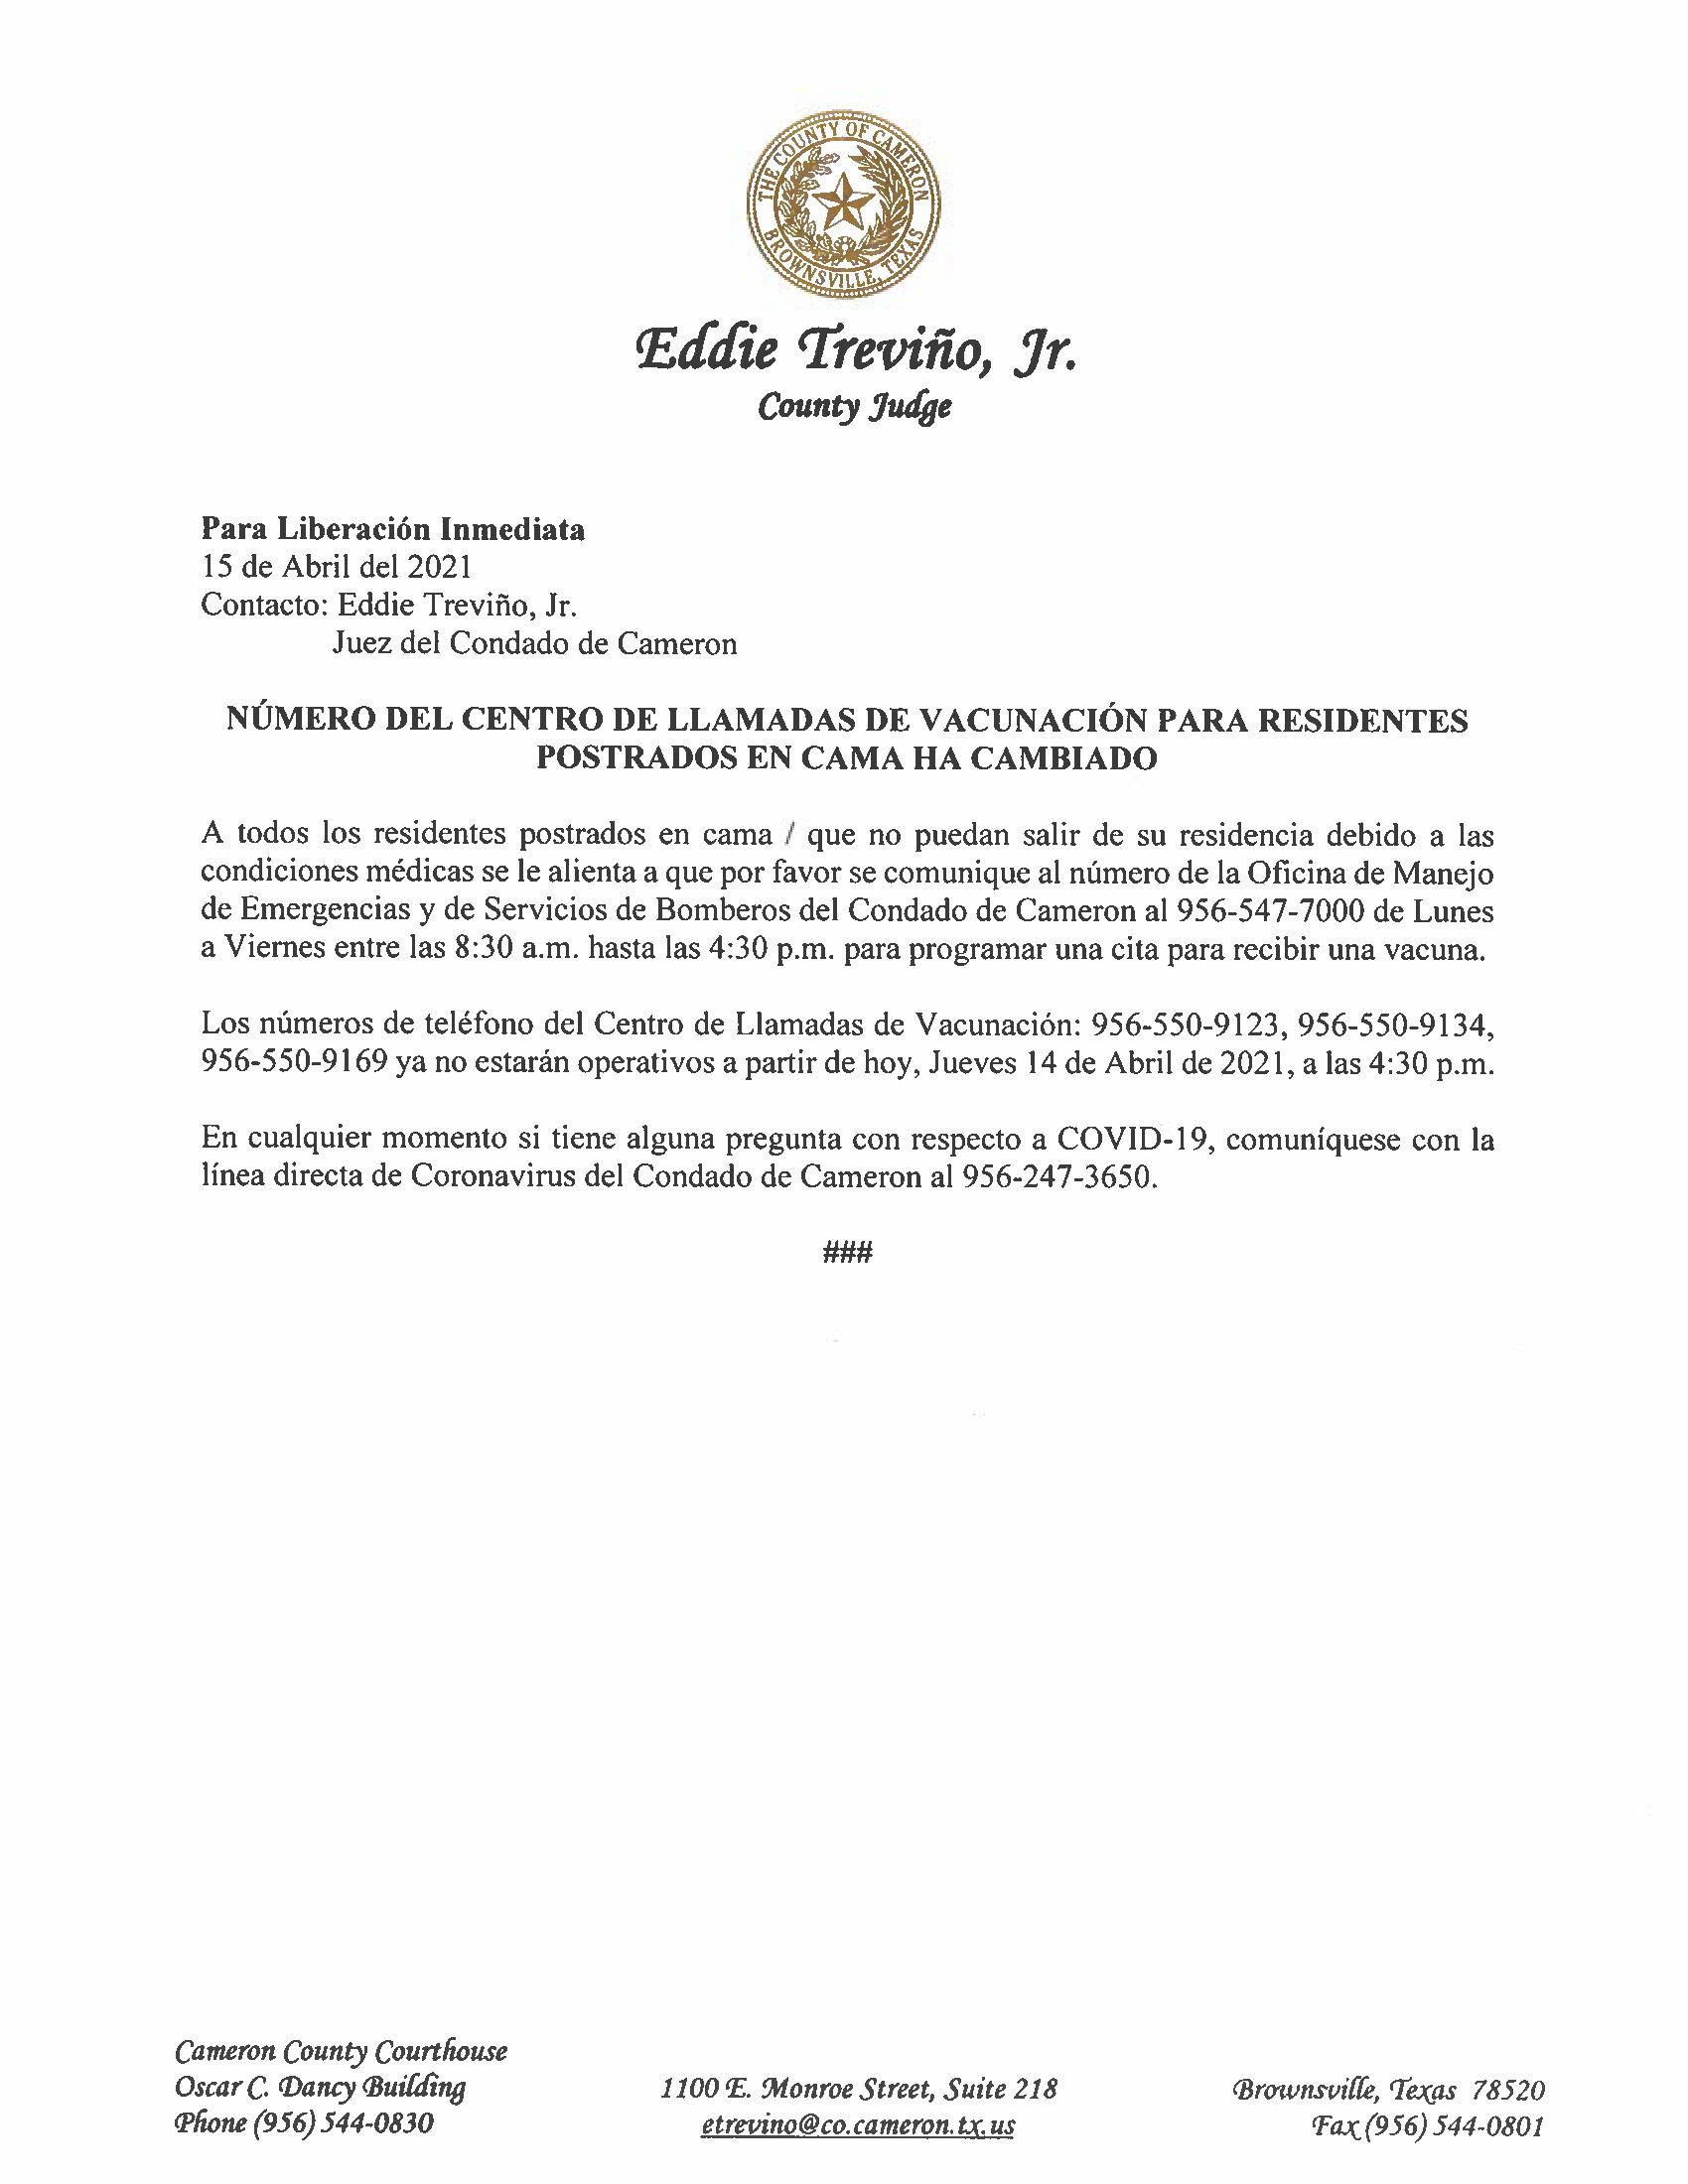 4.15.21 Numero Del Centro De Llamadas De Vacunacion Para Residentes Postrados En Cama Ha Cambiado